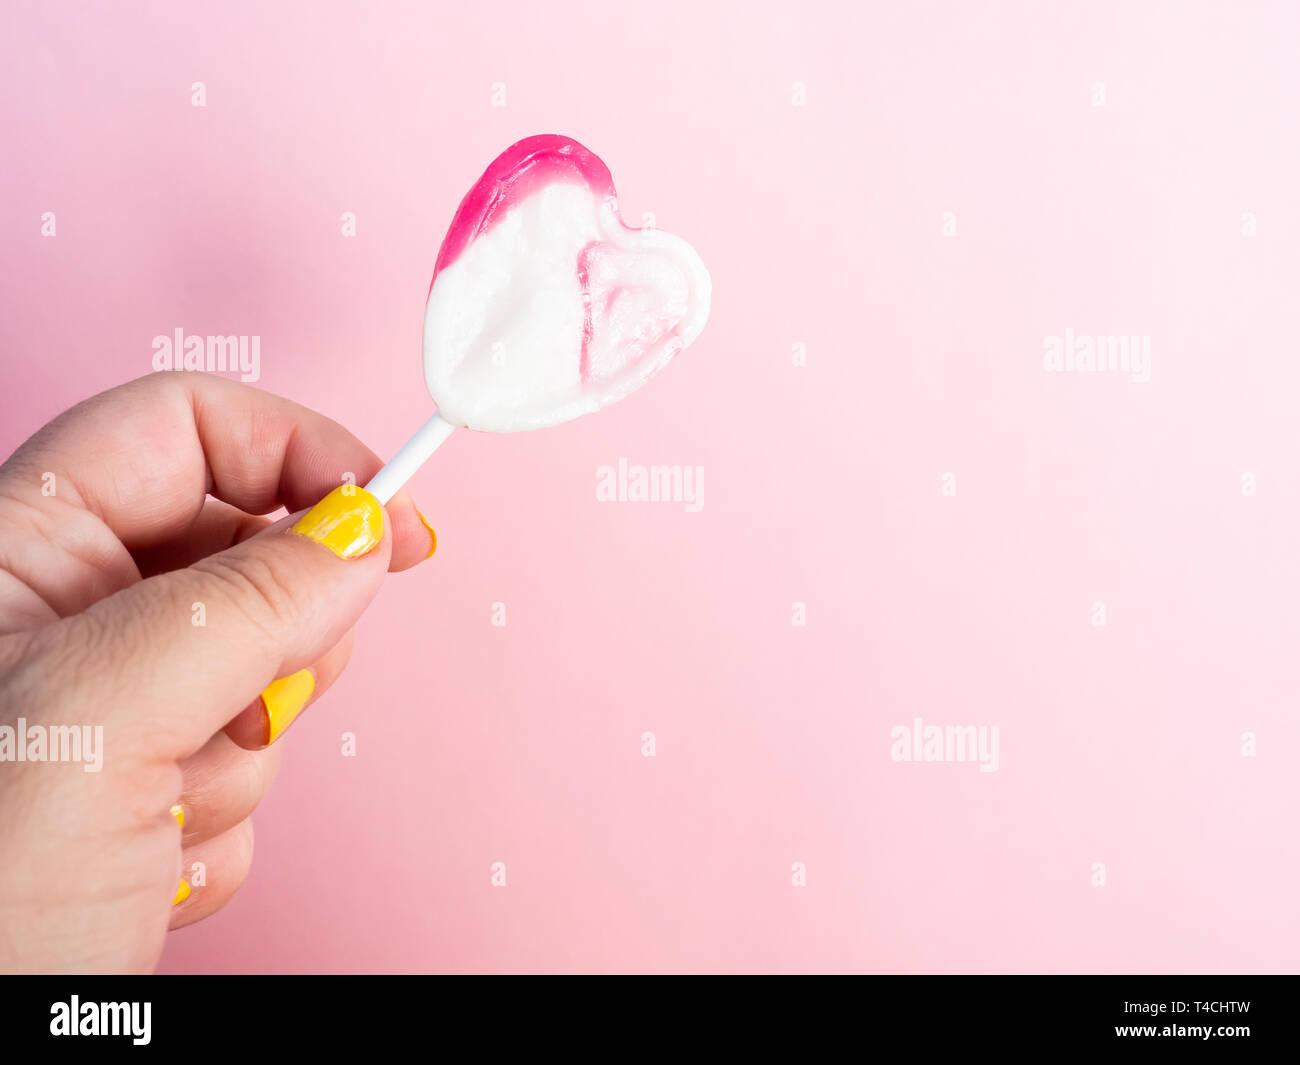 Una Mujer Con Las Uñas Pintadas En Amarillo Con Un Lollipop